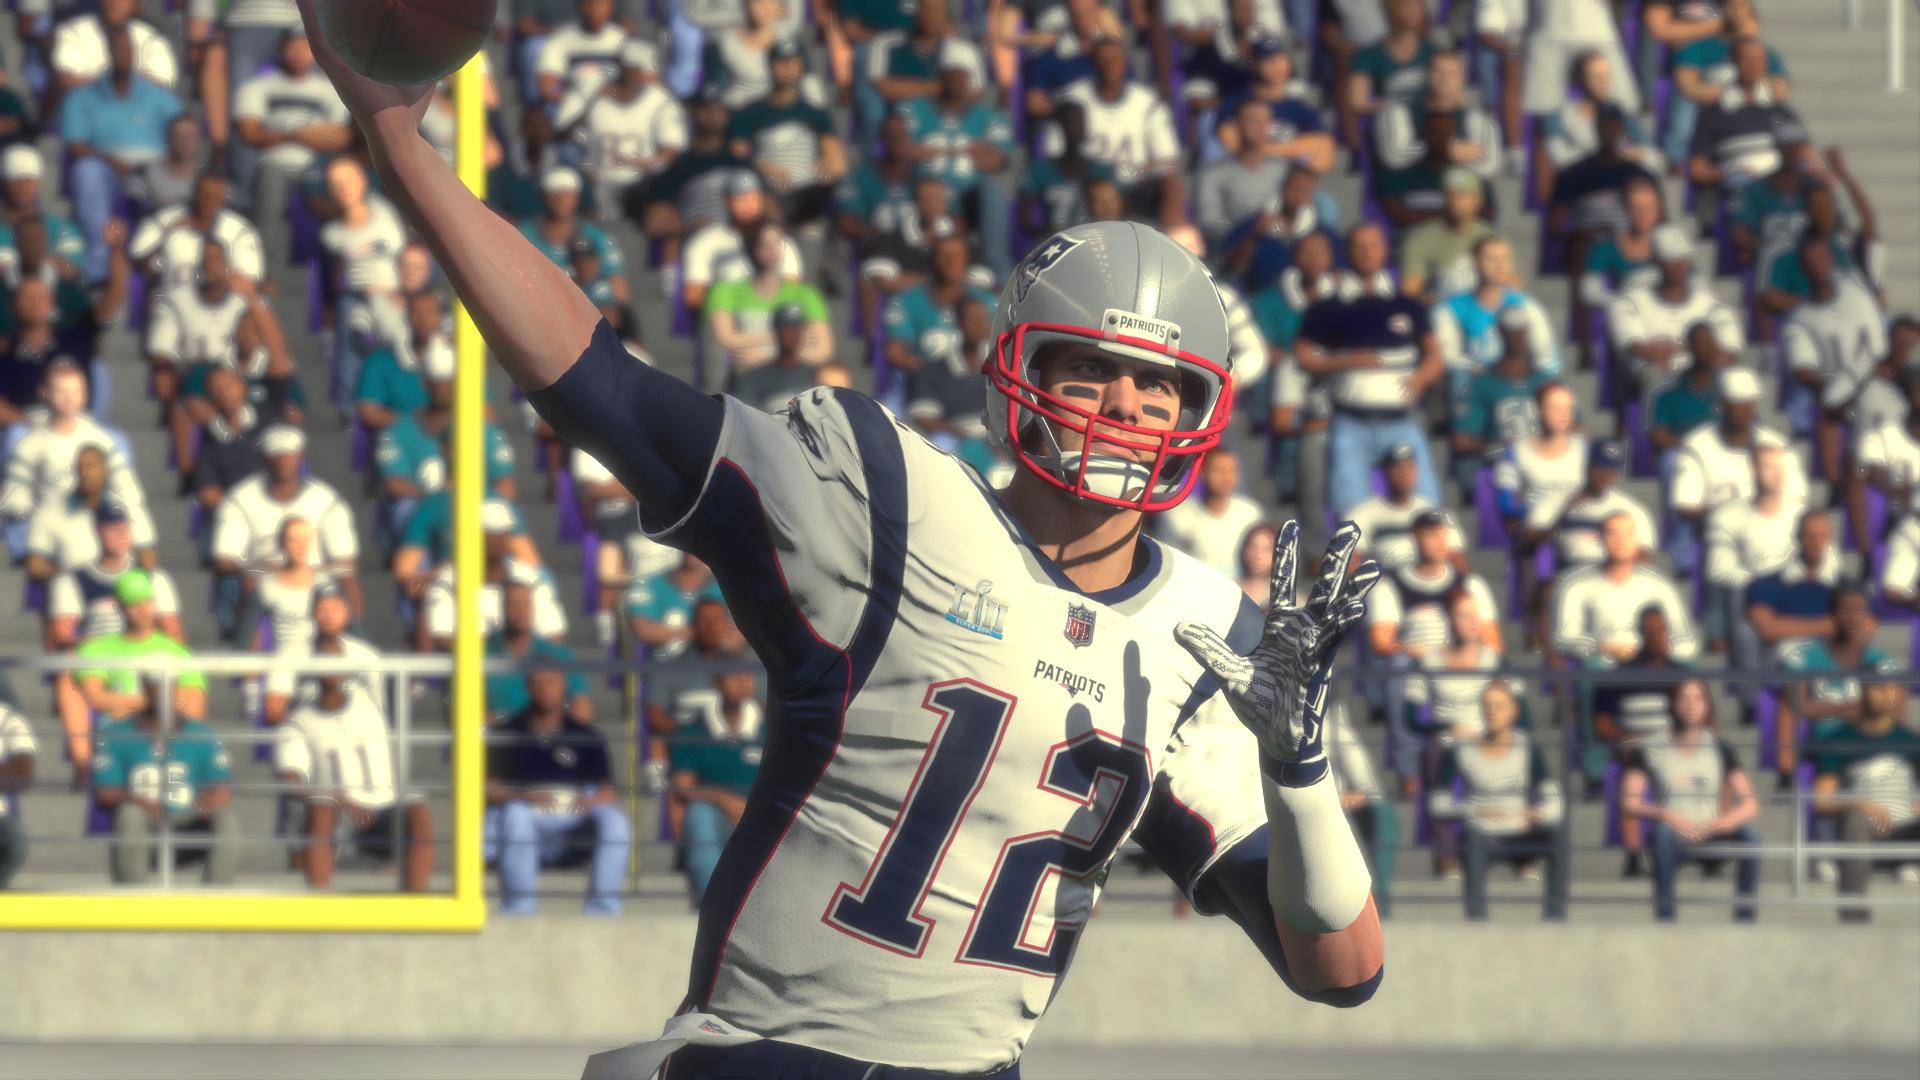 Tom Brady Madden NFL 18 Super Bowl 52